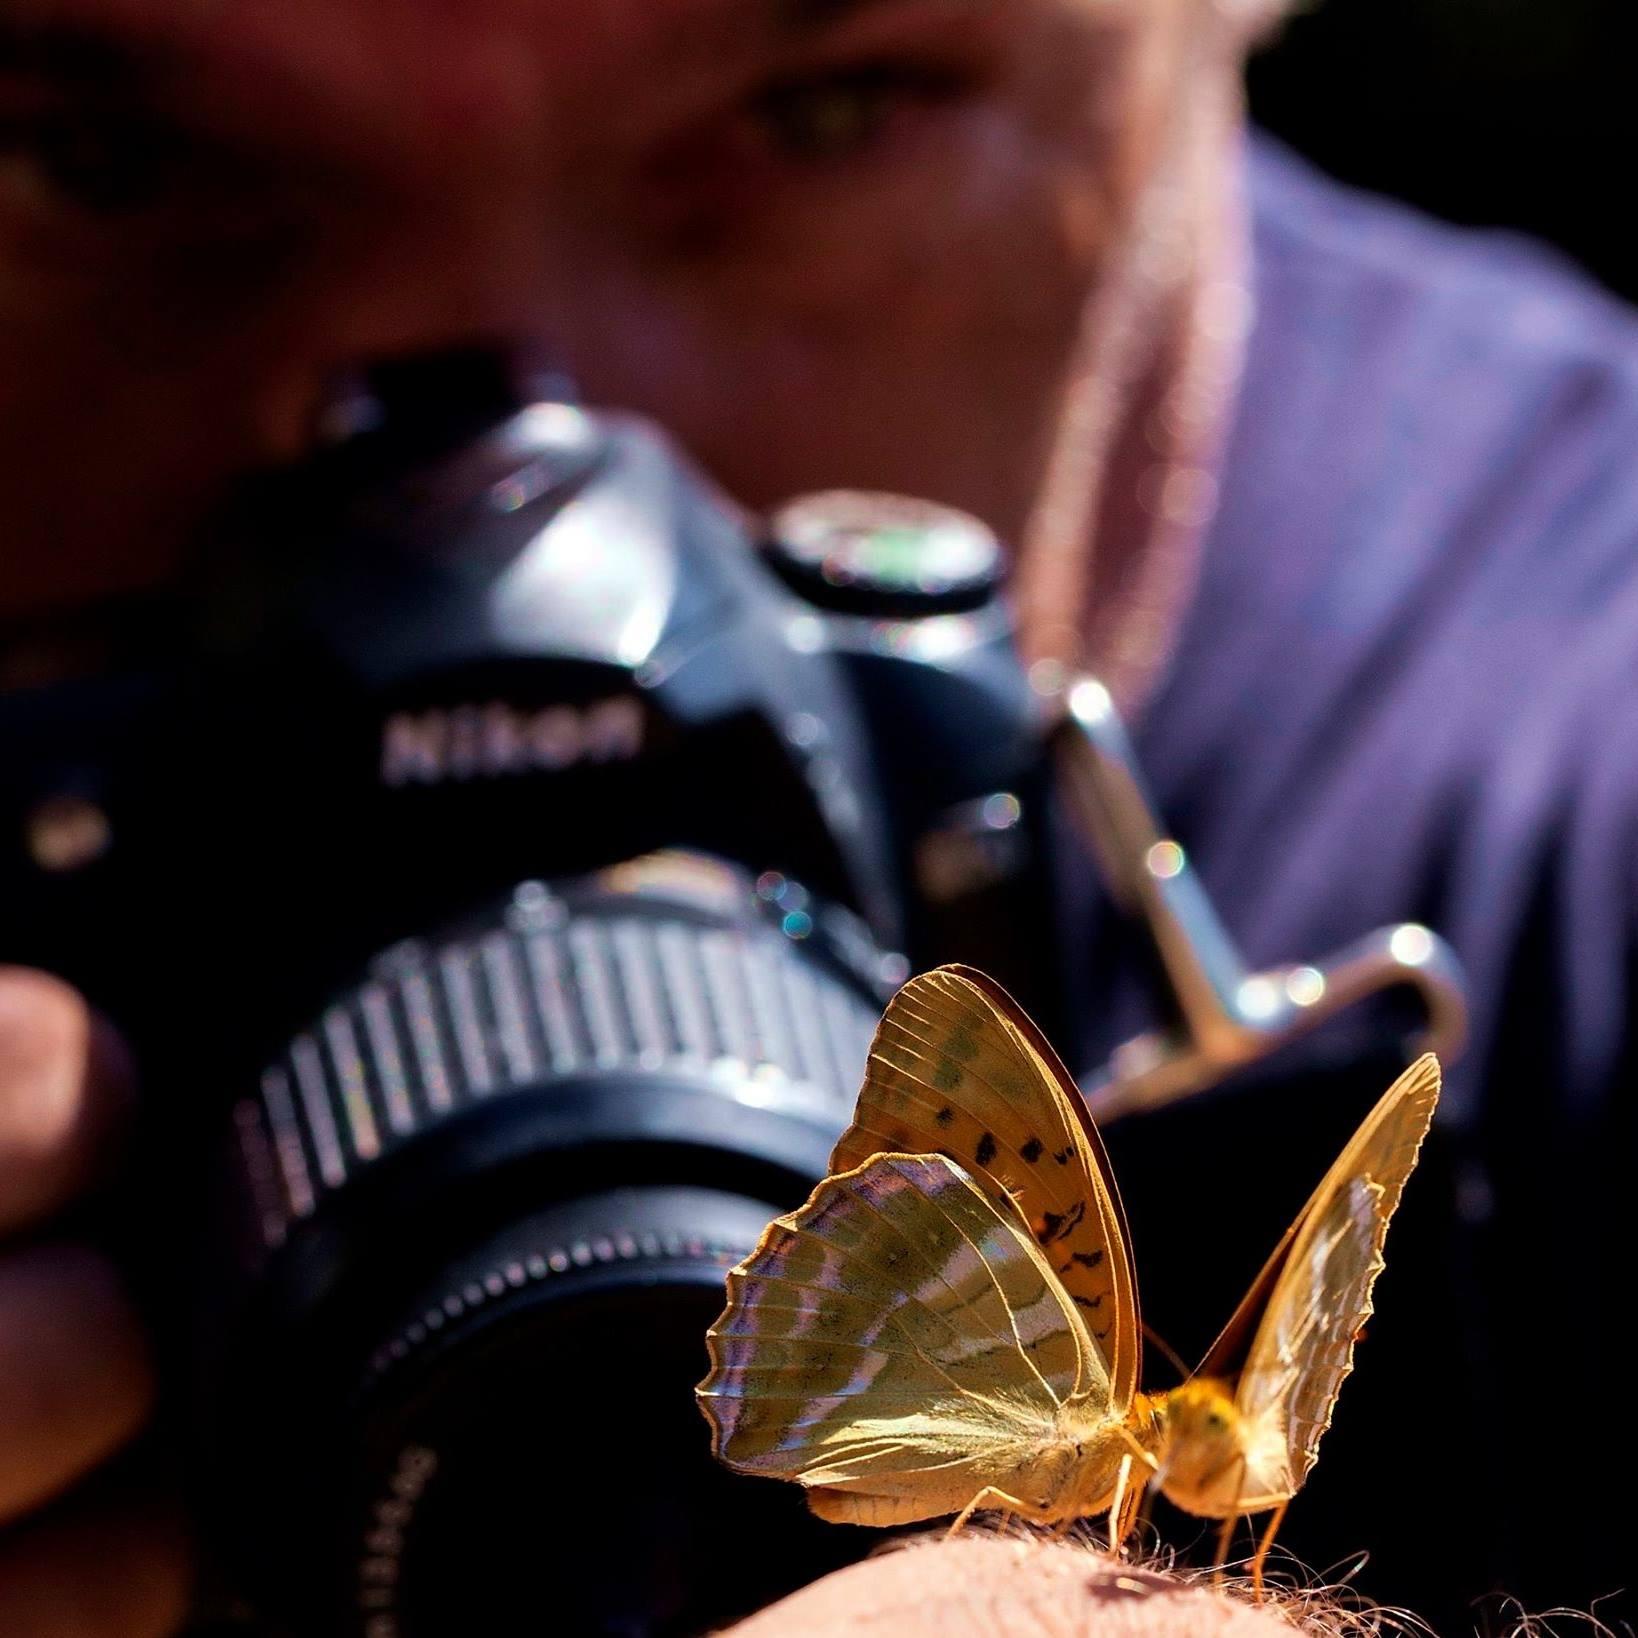 Οι φανταστικές πεταλούδες της ορεινής Ναυπακτίας